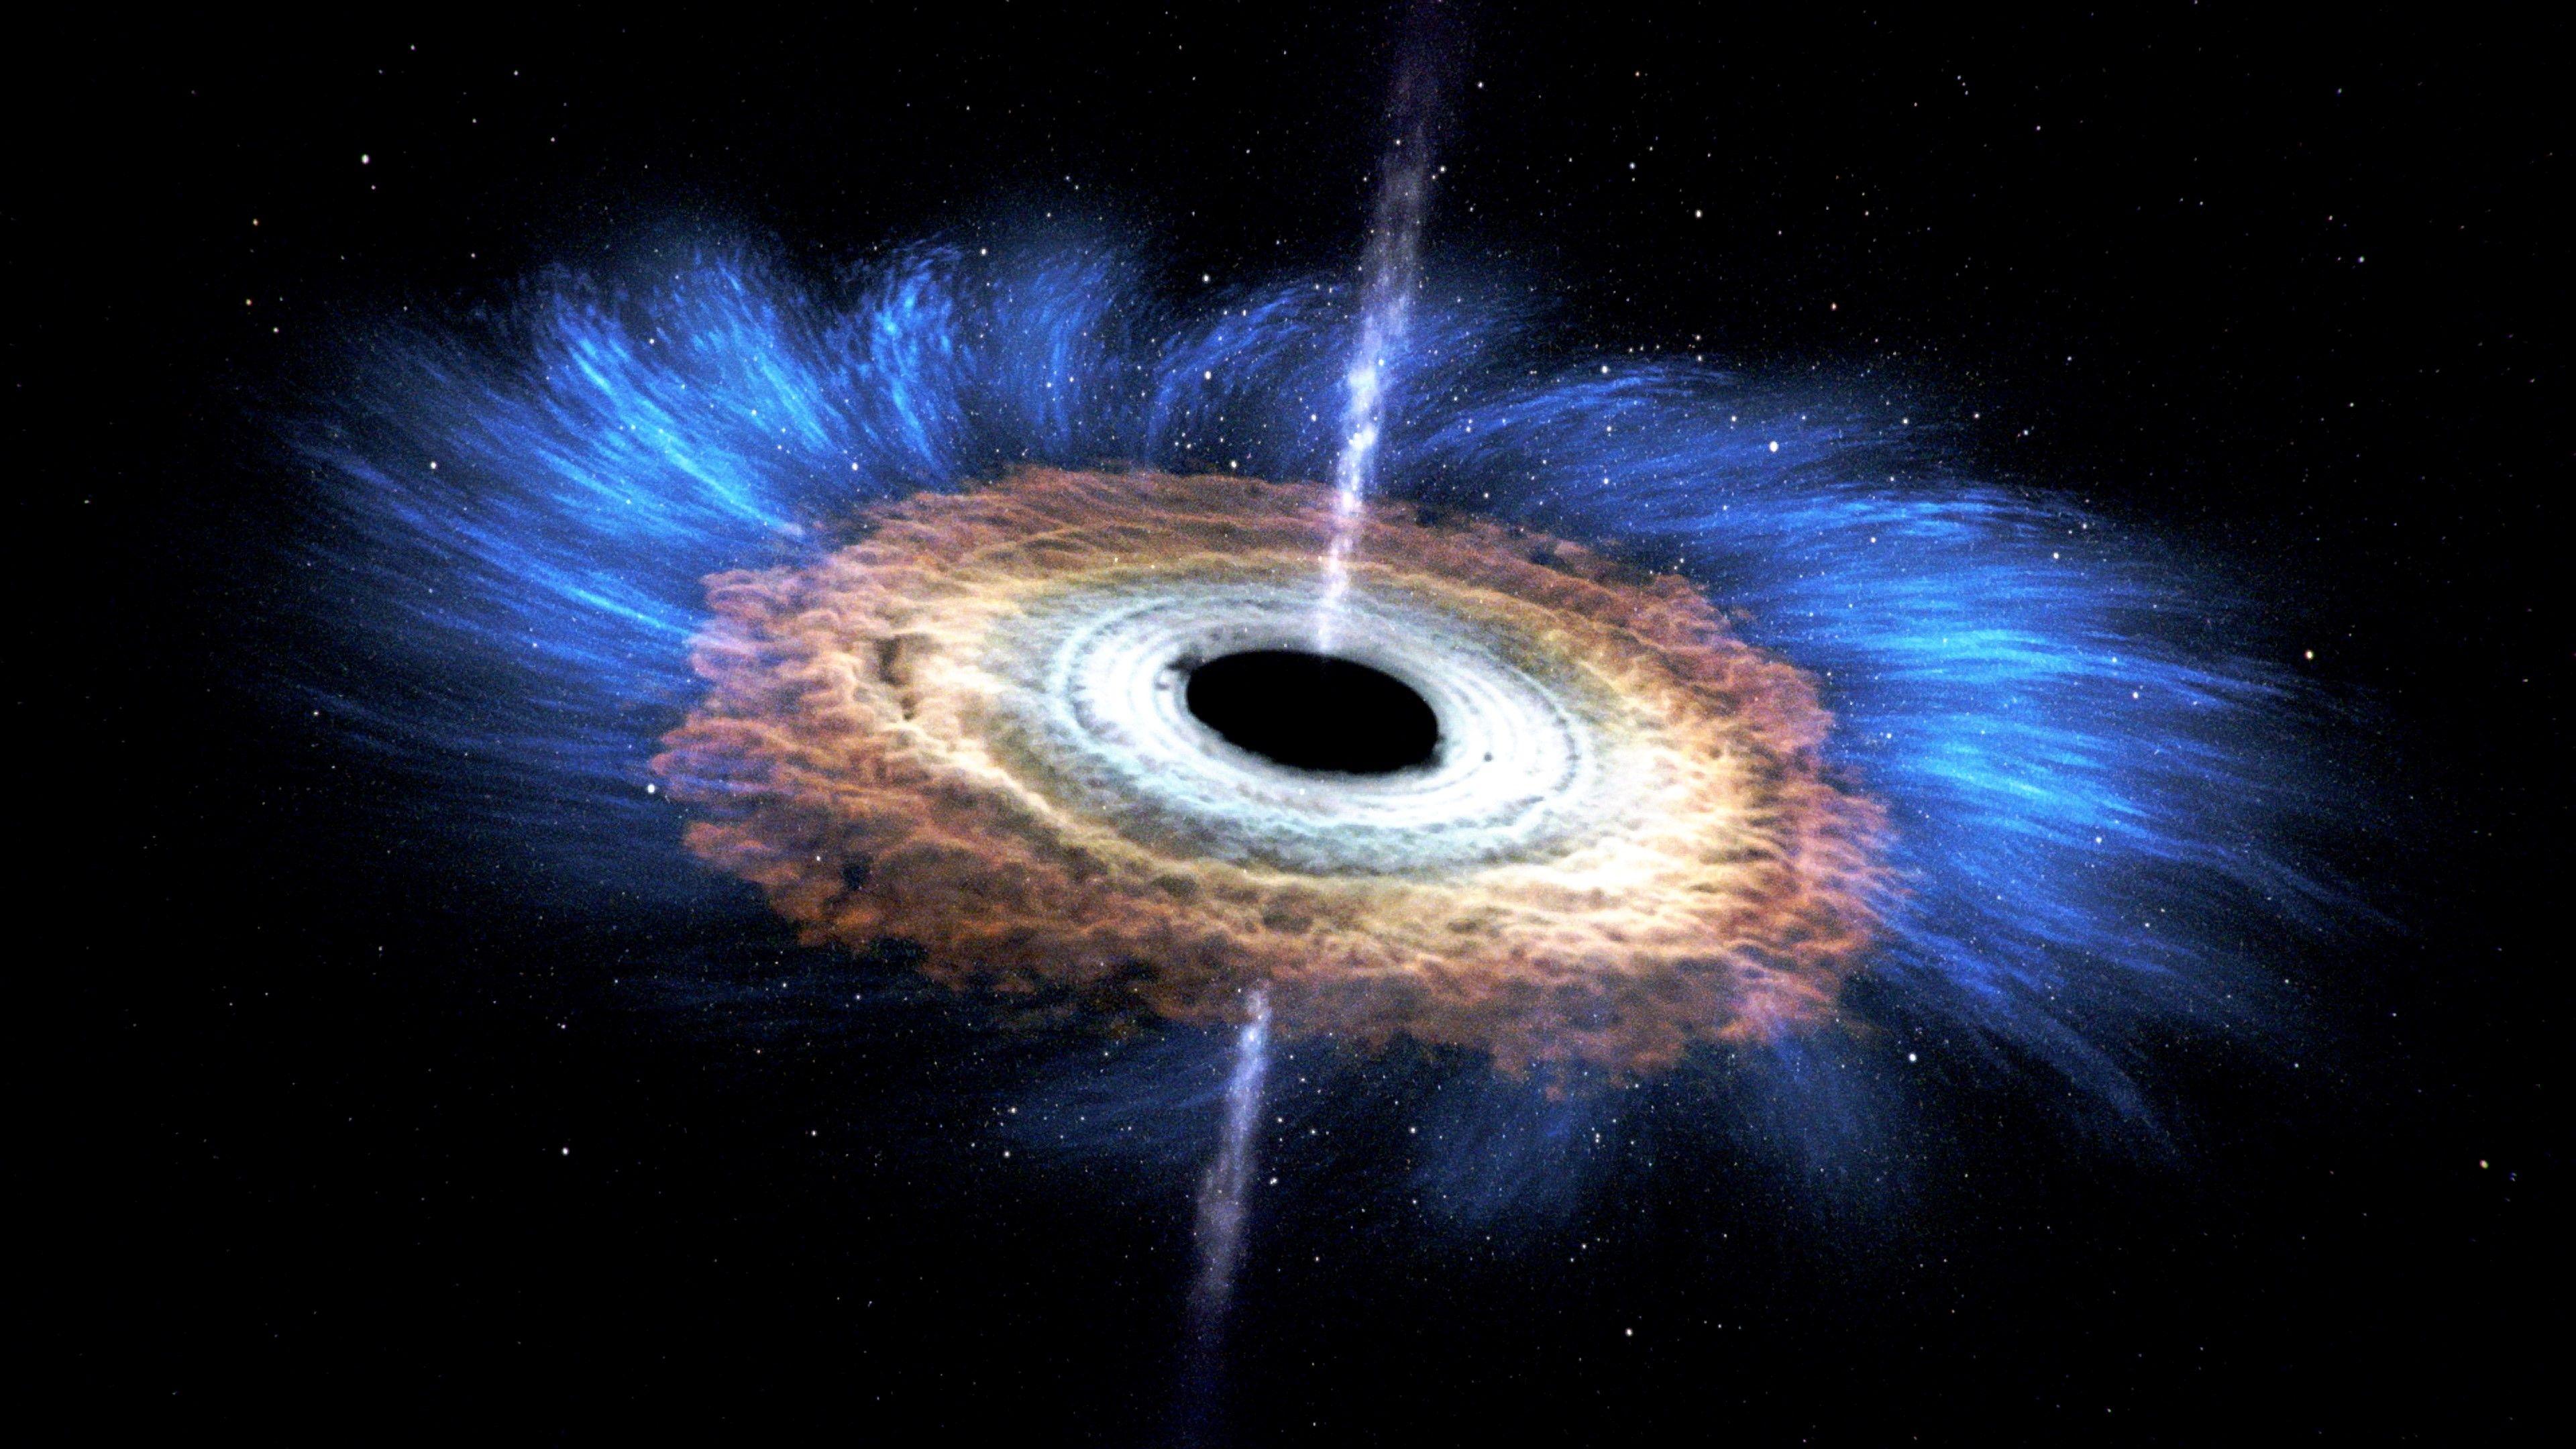 Resultado de imagem para Representação artística que mostra a saída de um buraco negro supermassivo no